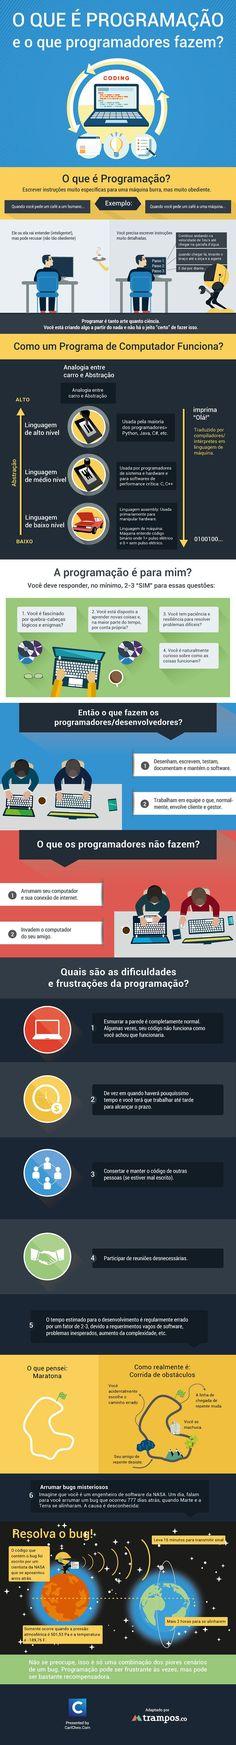 Infográfico: o que é programação e o que fazem programadores?